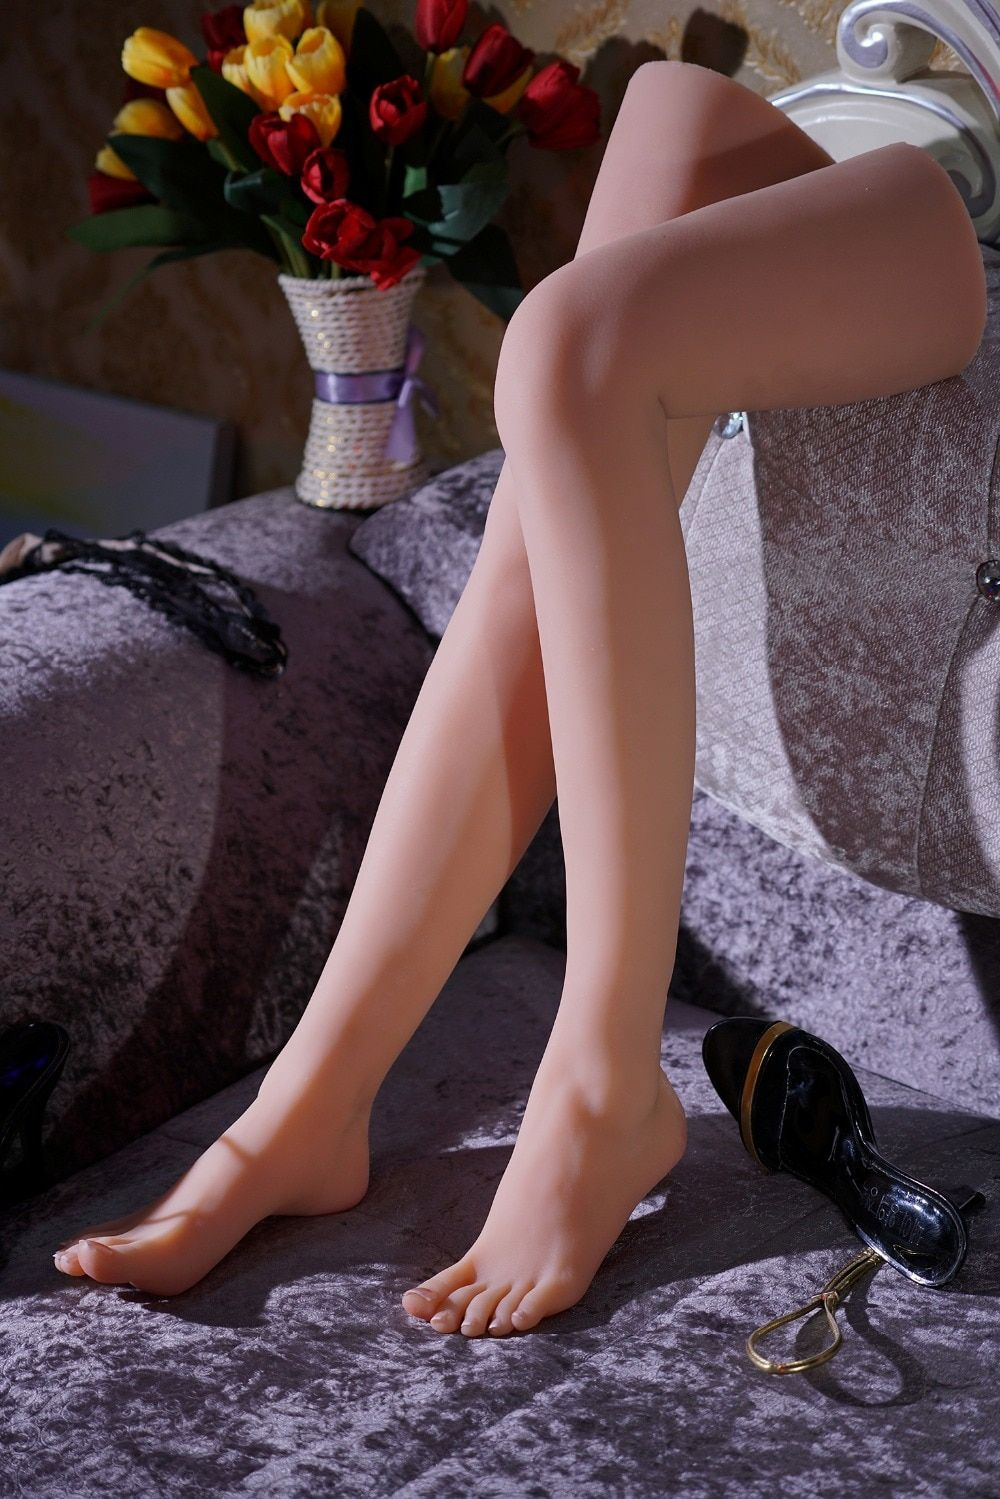 Neueste mädchen ballerina tänzerin turnerin fuß füße spitzen zehen fetisch spielzeug modell